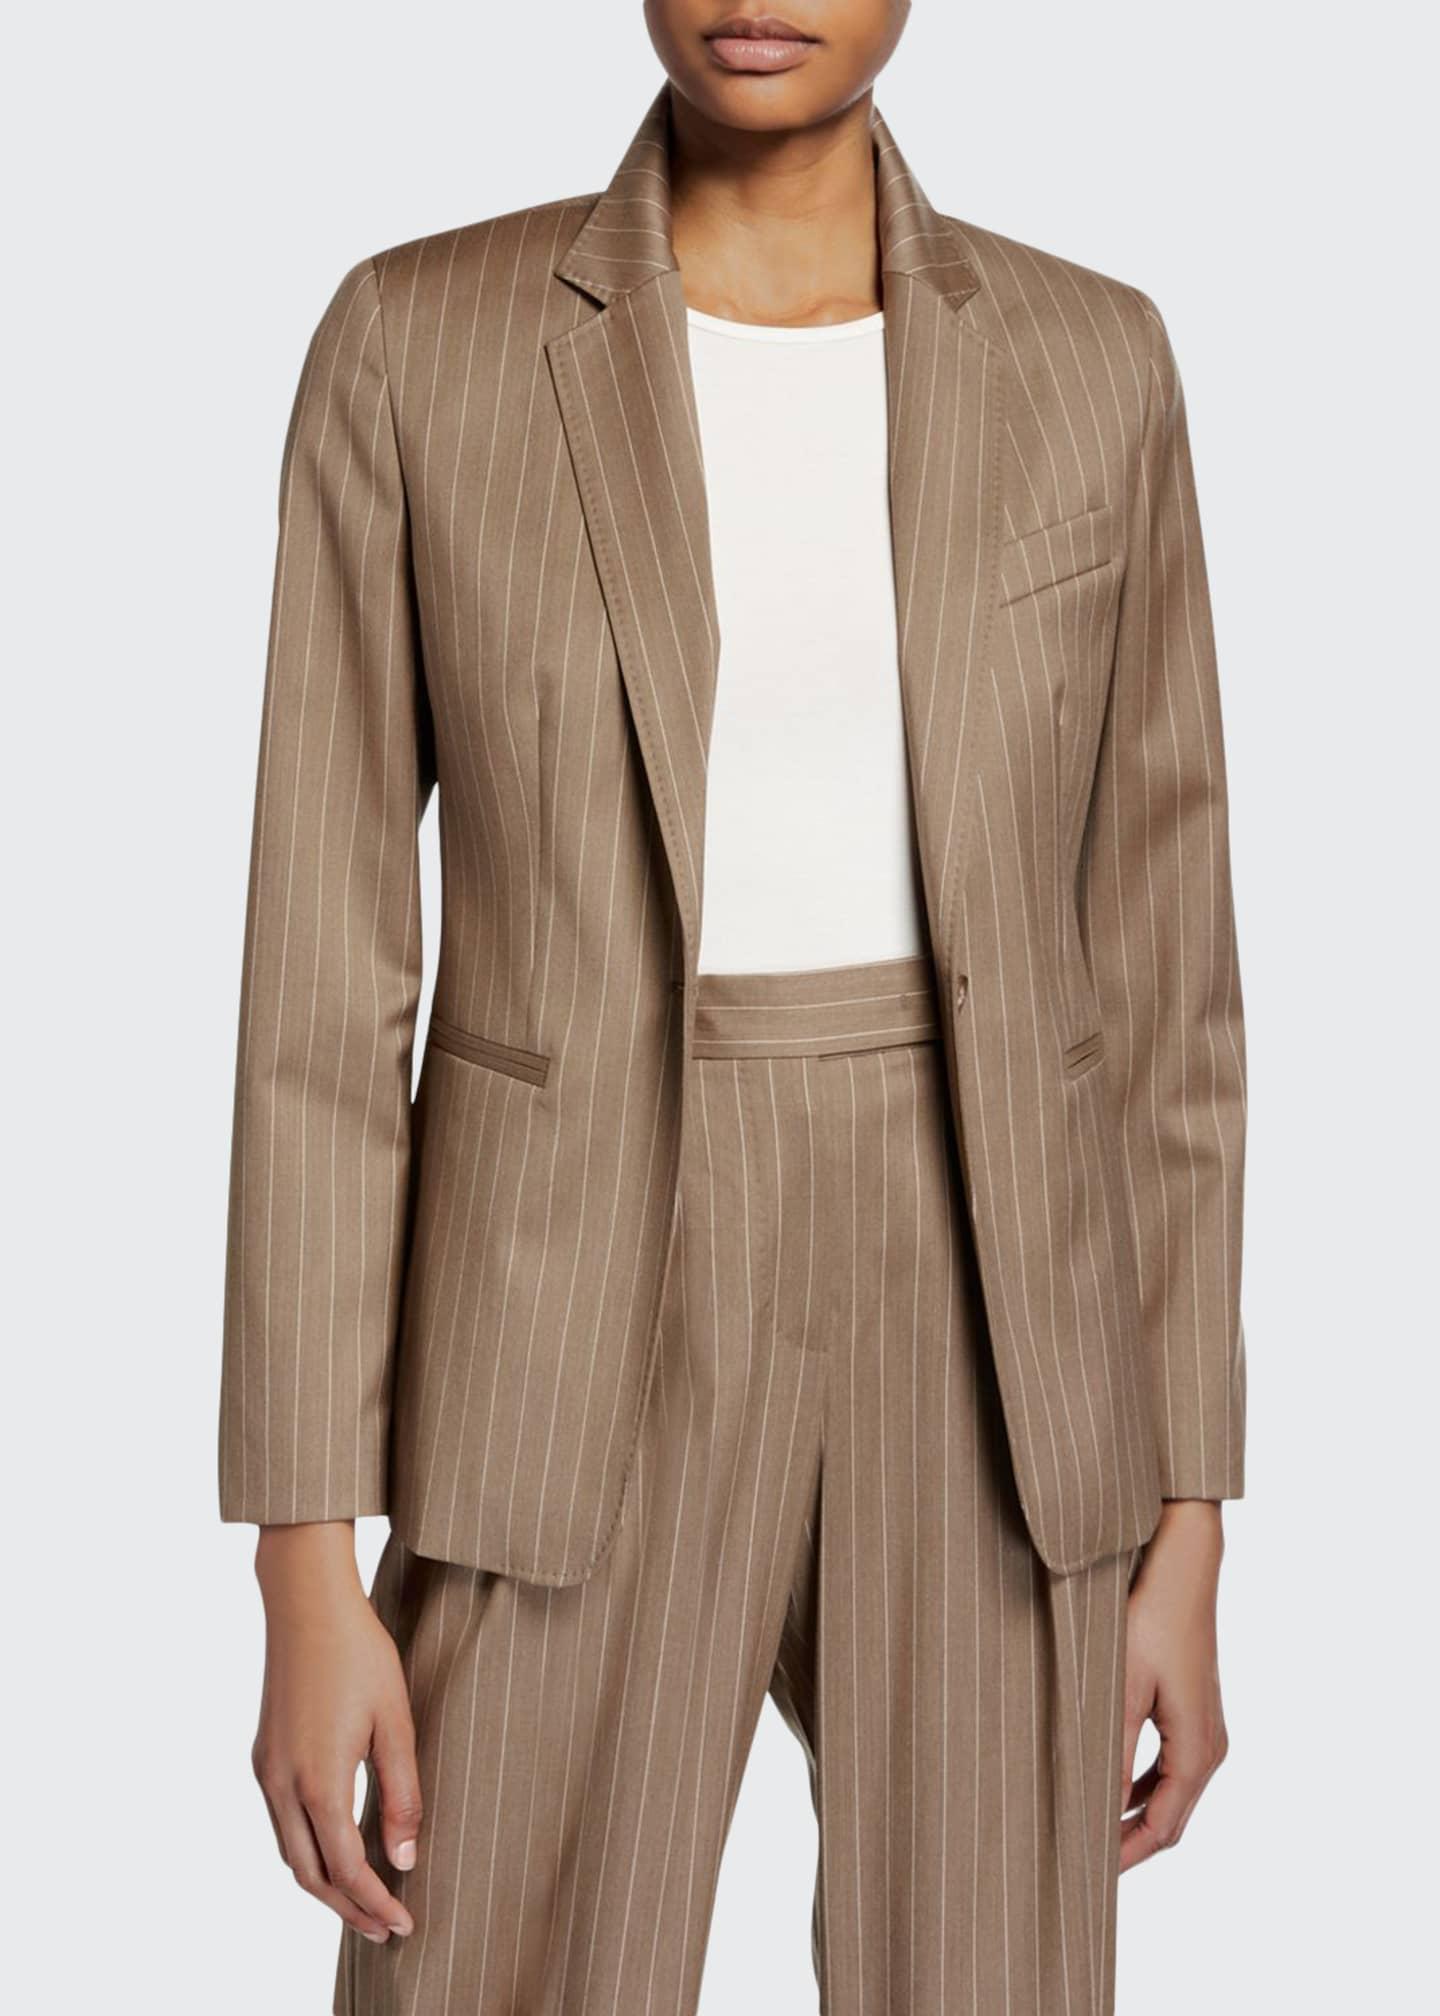 Maxmara Kuens Pinstriped Virgin Wool One-Button Jacket